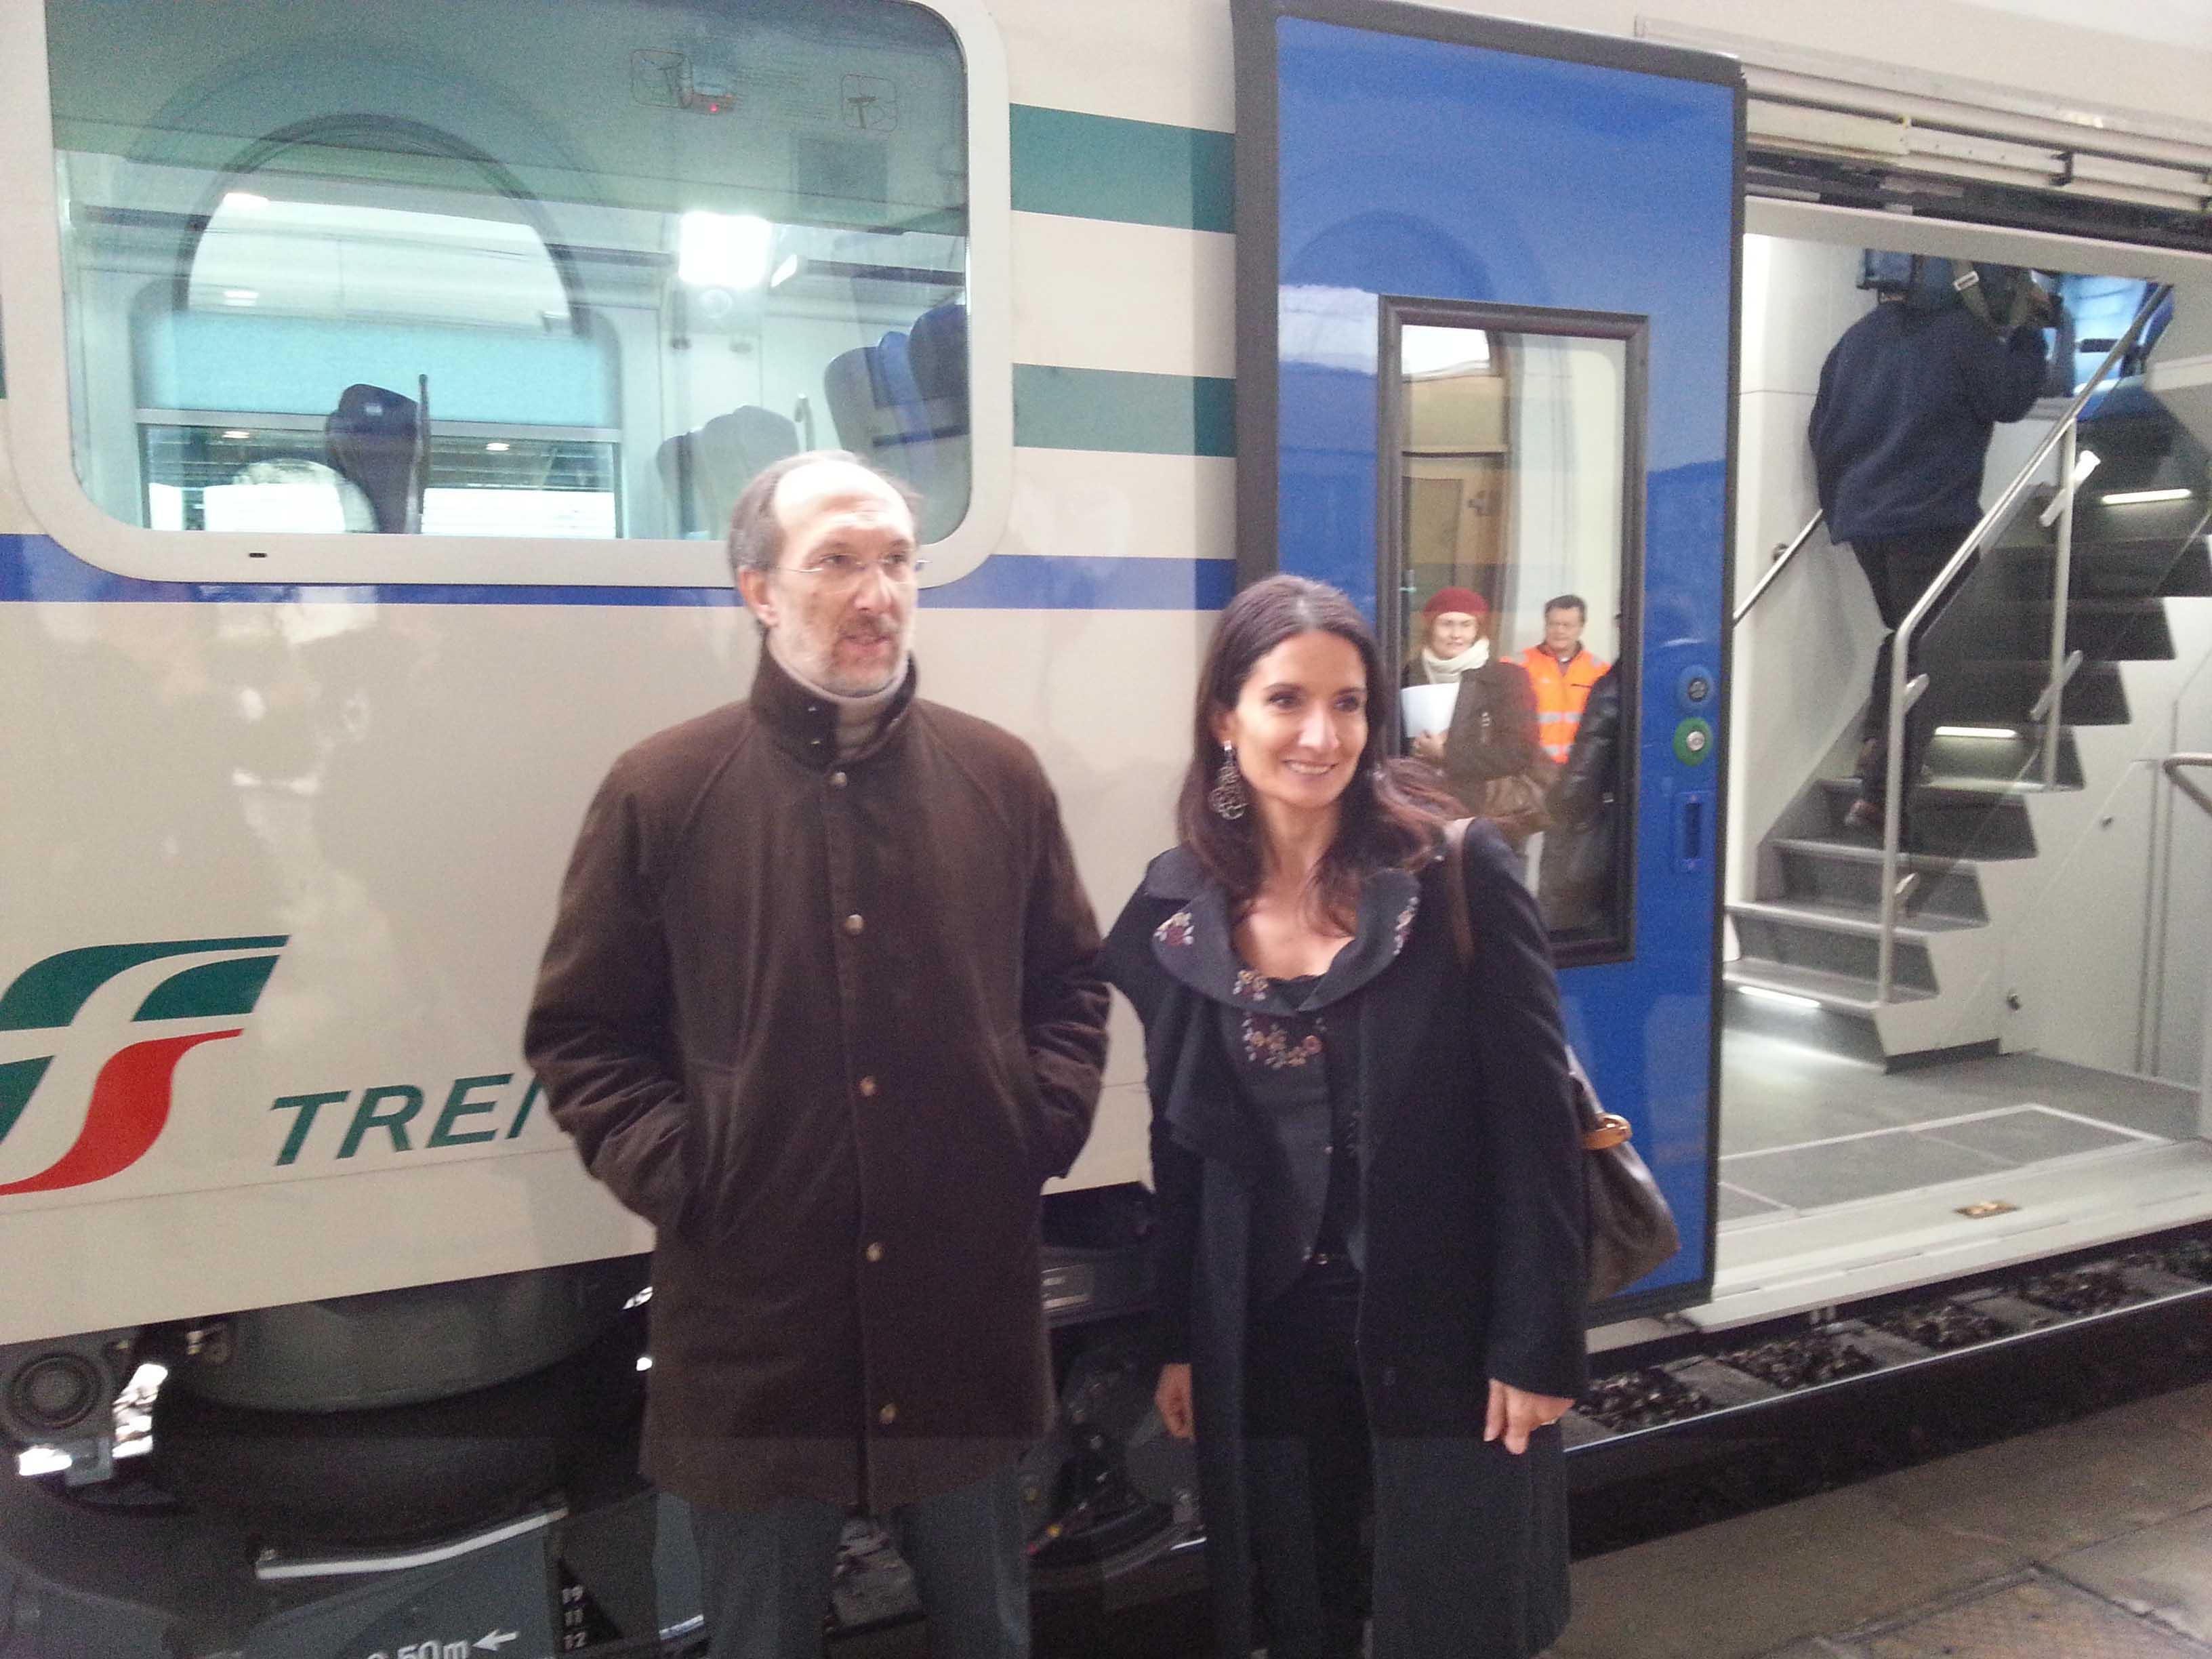 Riccardo Riccardi (Assessore regionale Infrastrutture e Mobilità) e Maria Giaconia (Direttore Trenitalia FVG) alla presentazione dei nuovi treni Vivalto per il trasporto pubblico locale del Friuli Venezia Giulia. (Udine 21/12/12)